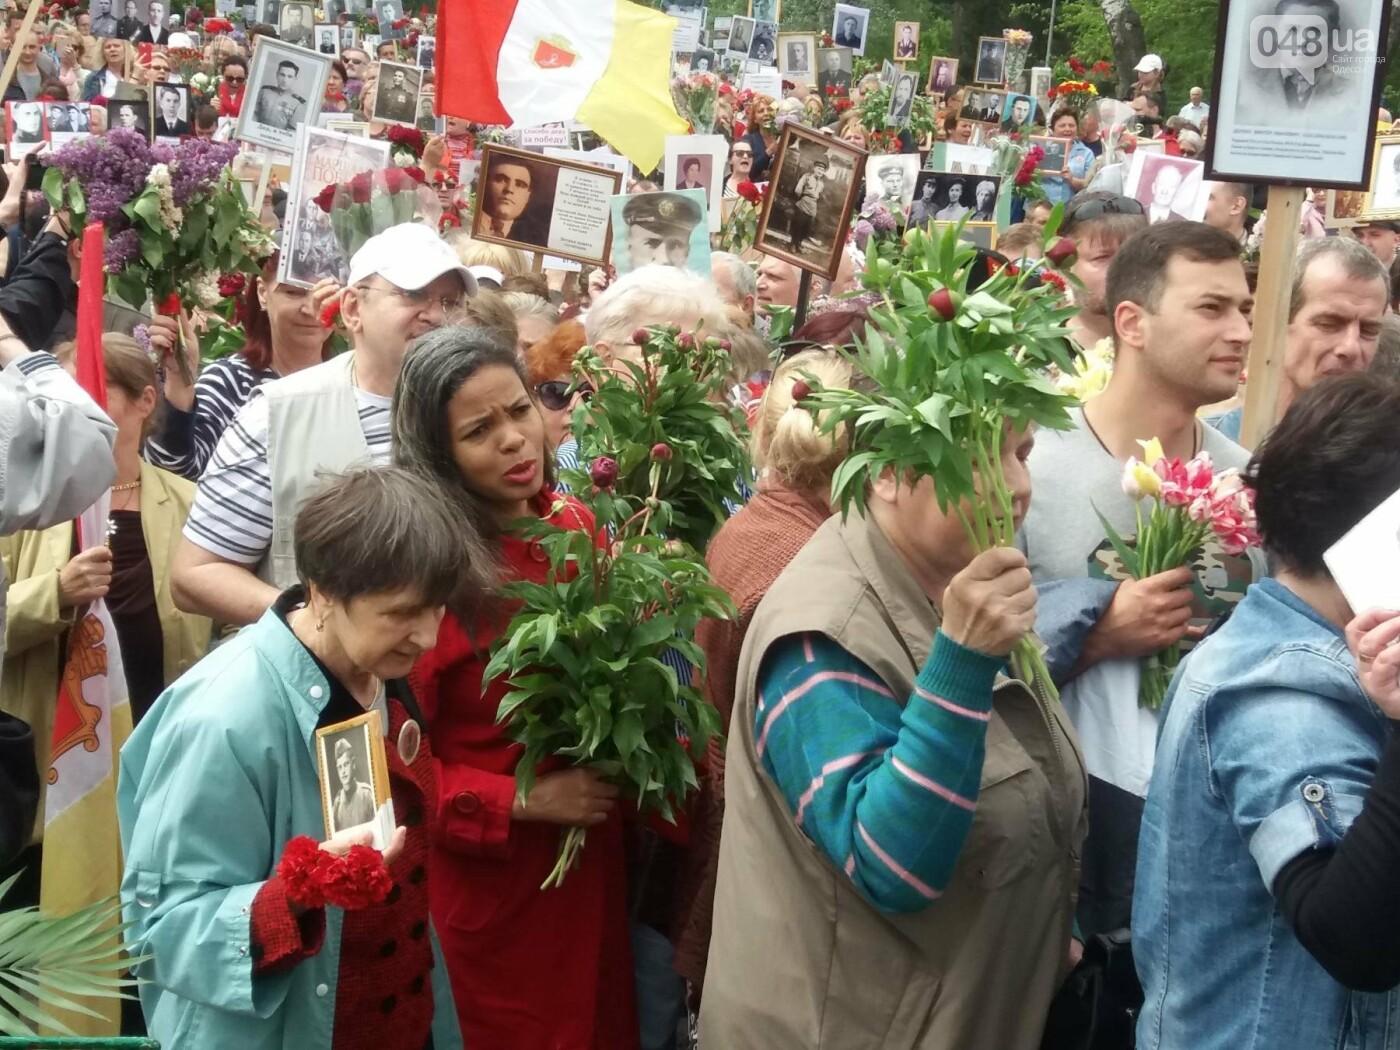 9 мая в Одессе: хронология событий и итоги, - ФОТО, ВИДЕО, фото-22